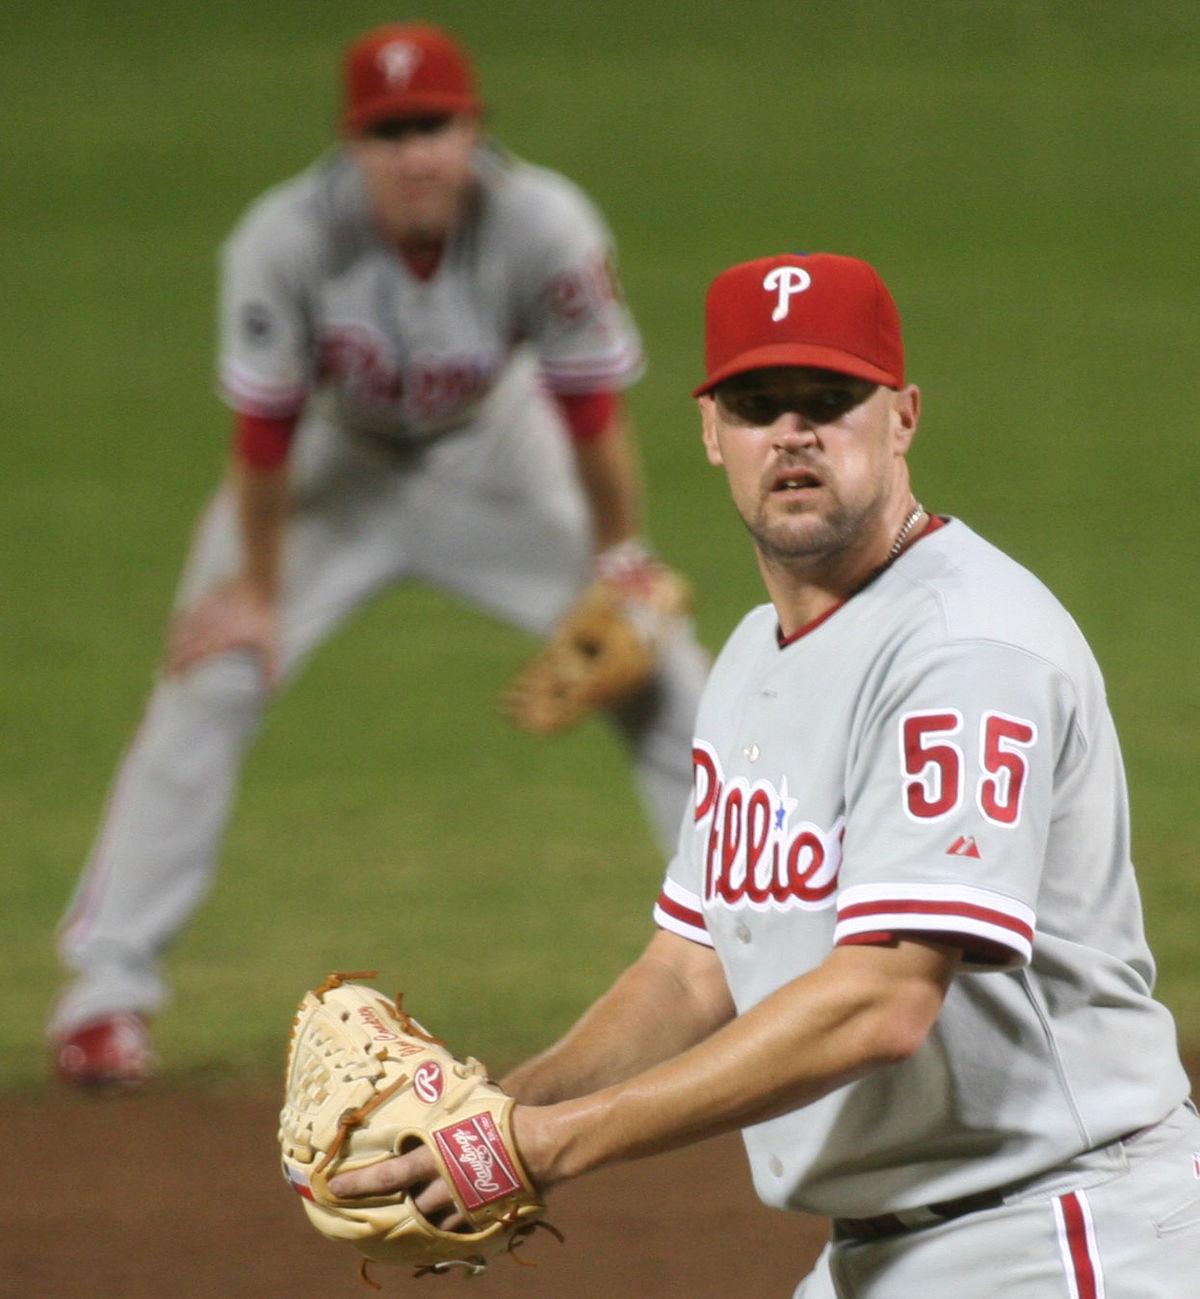 Lee University Baseball >> Clay Condrey - Wikipedia